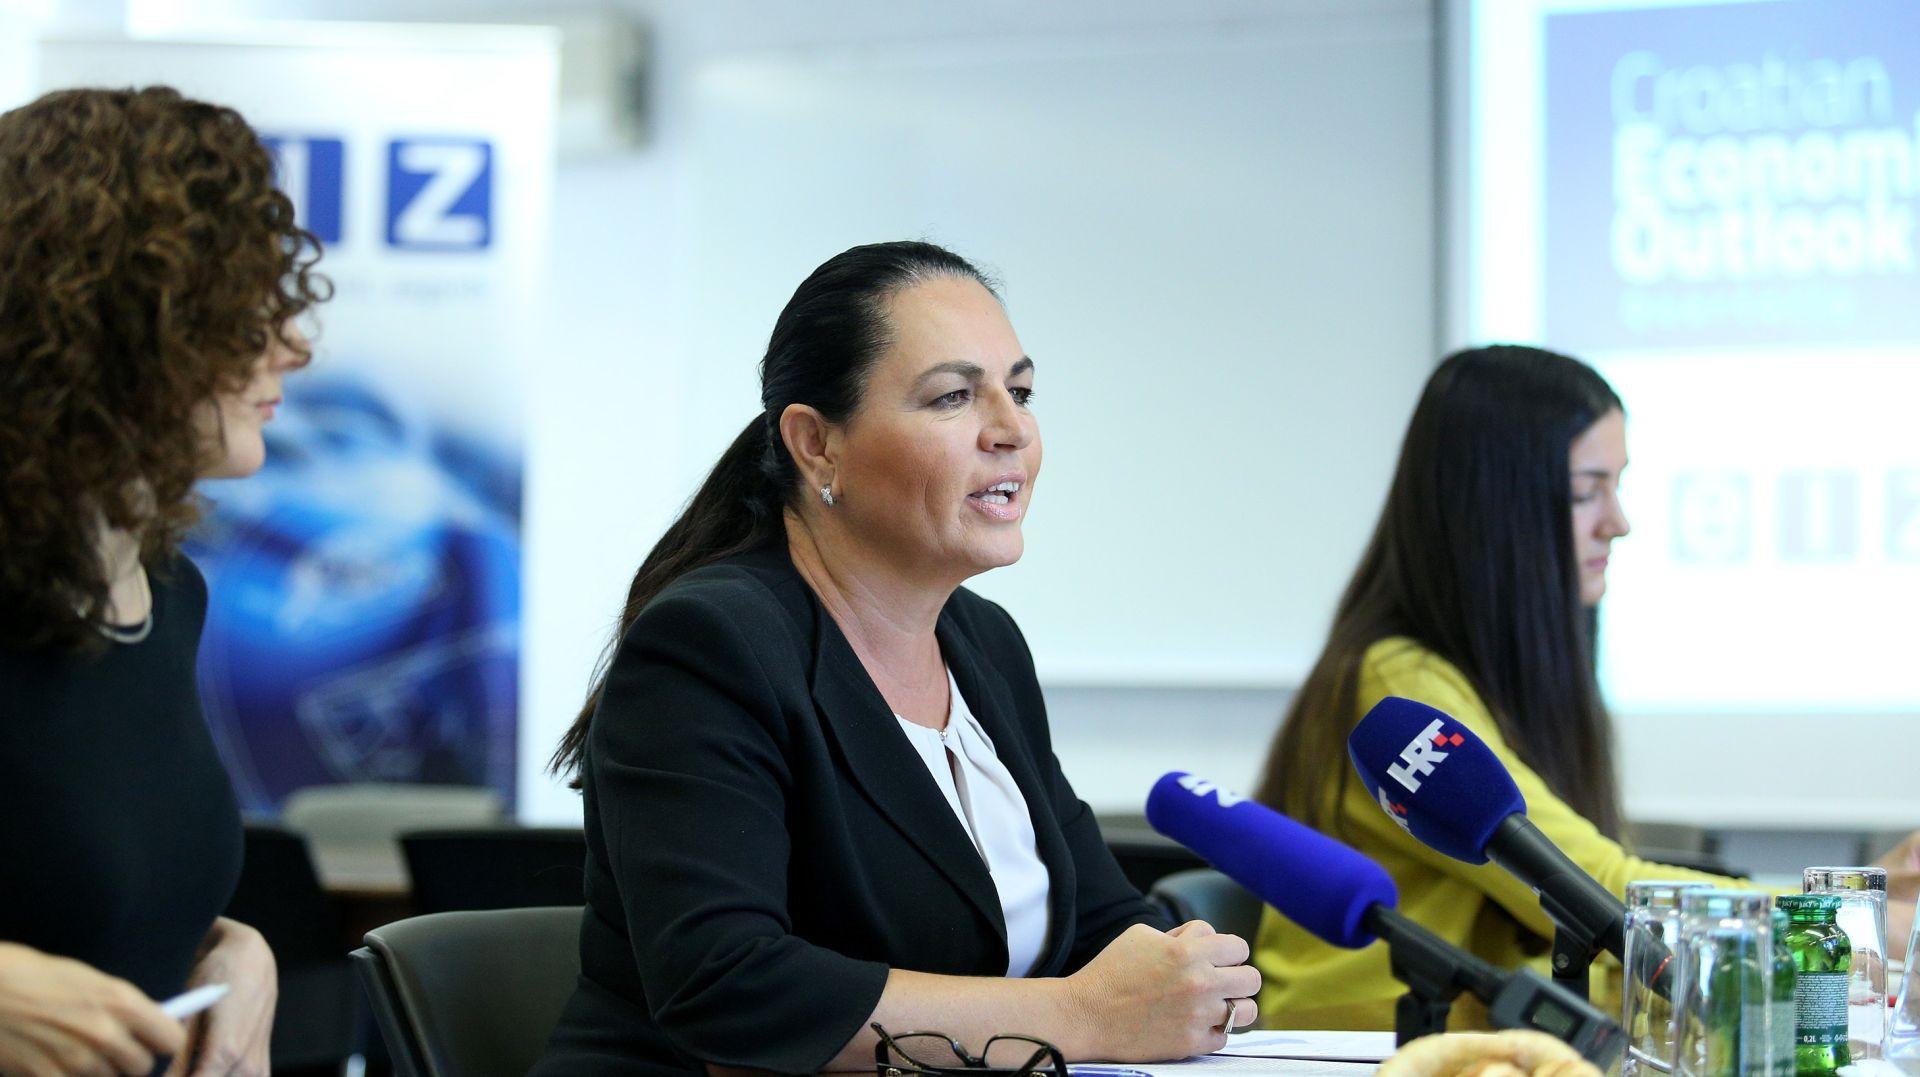 """UDRUGA OPĆINA: Podrška """"pozitivnom zaokretu"""" MOST-a u promišljanju javne uprave"""